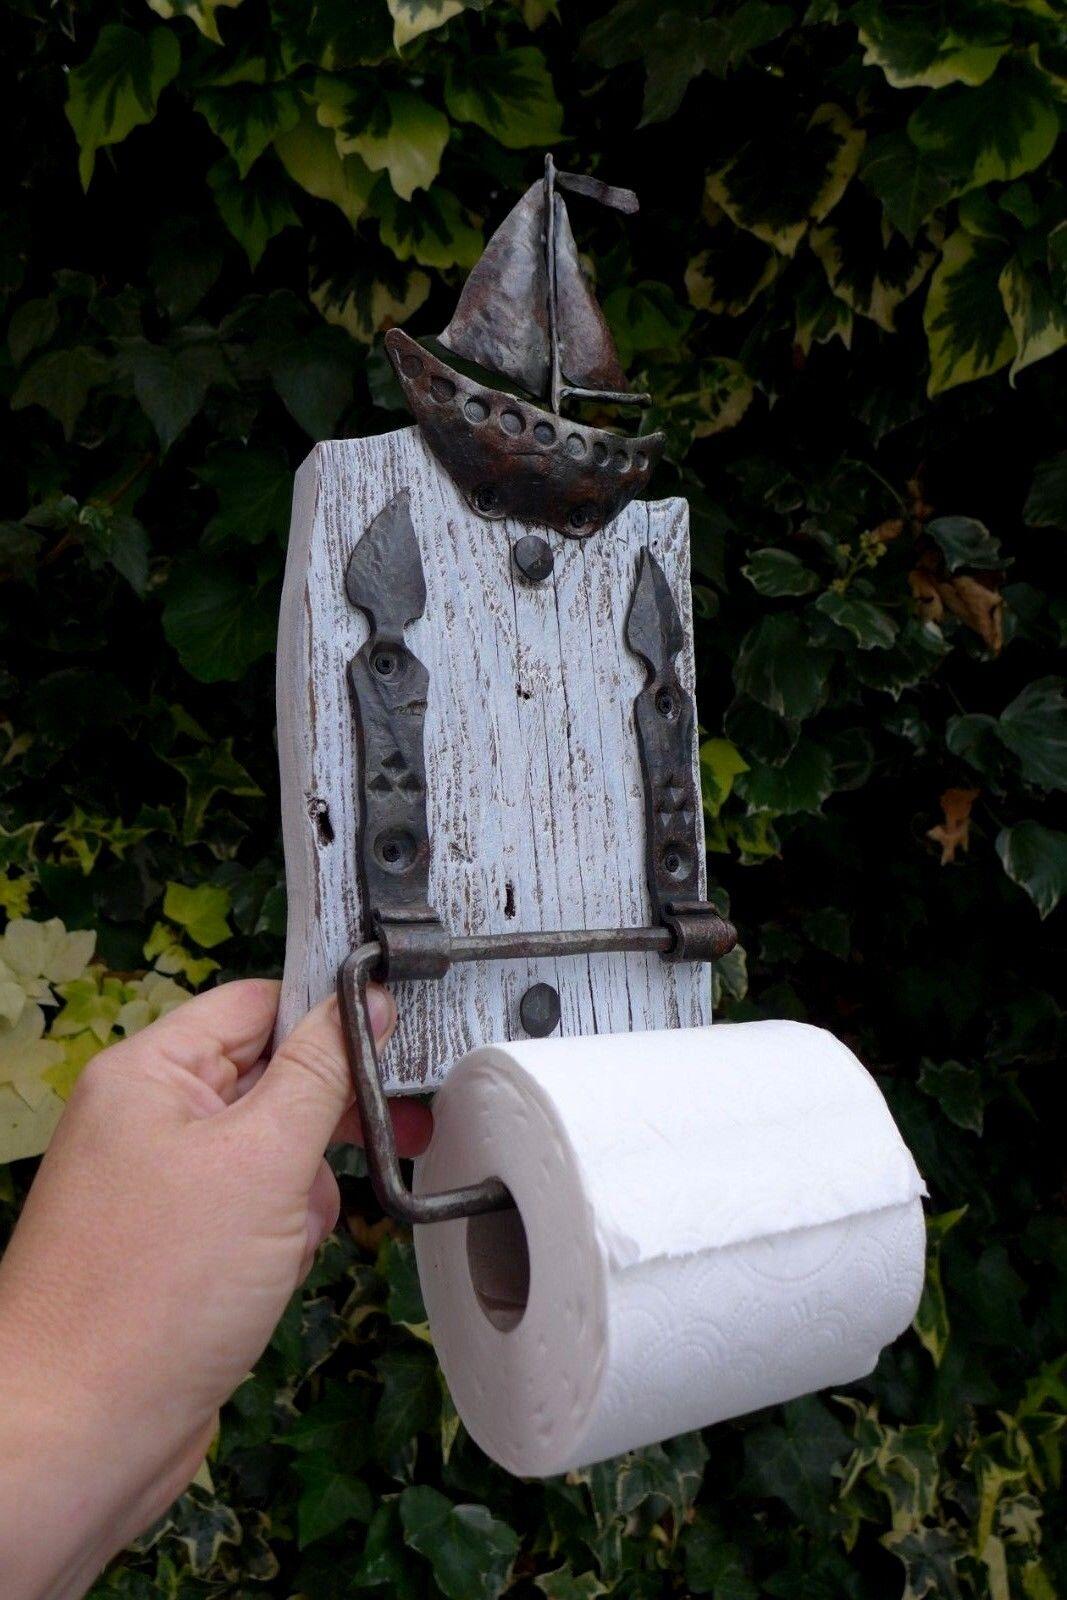 Rollo de papel higiénico titular hecho a mano por Herrero Lancha Barco muy singular diseño 01-01